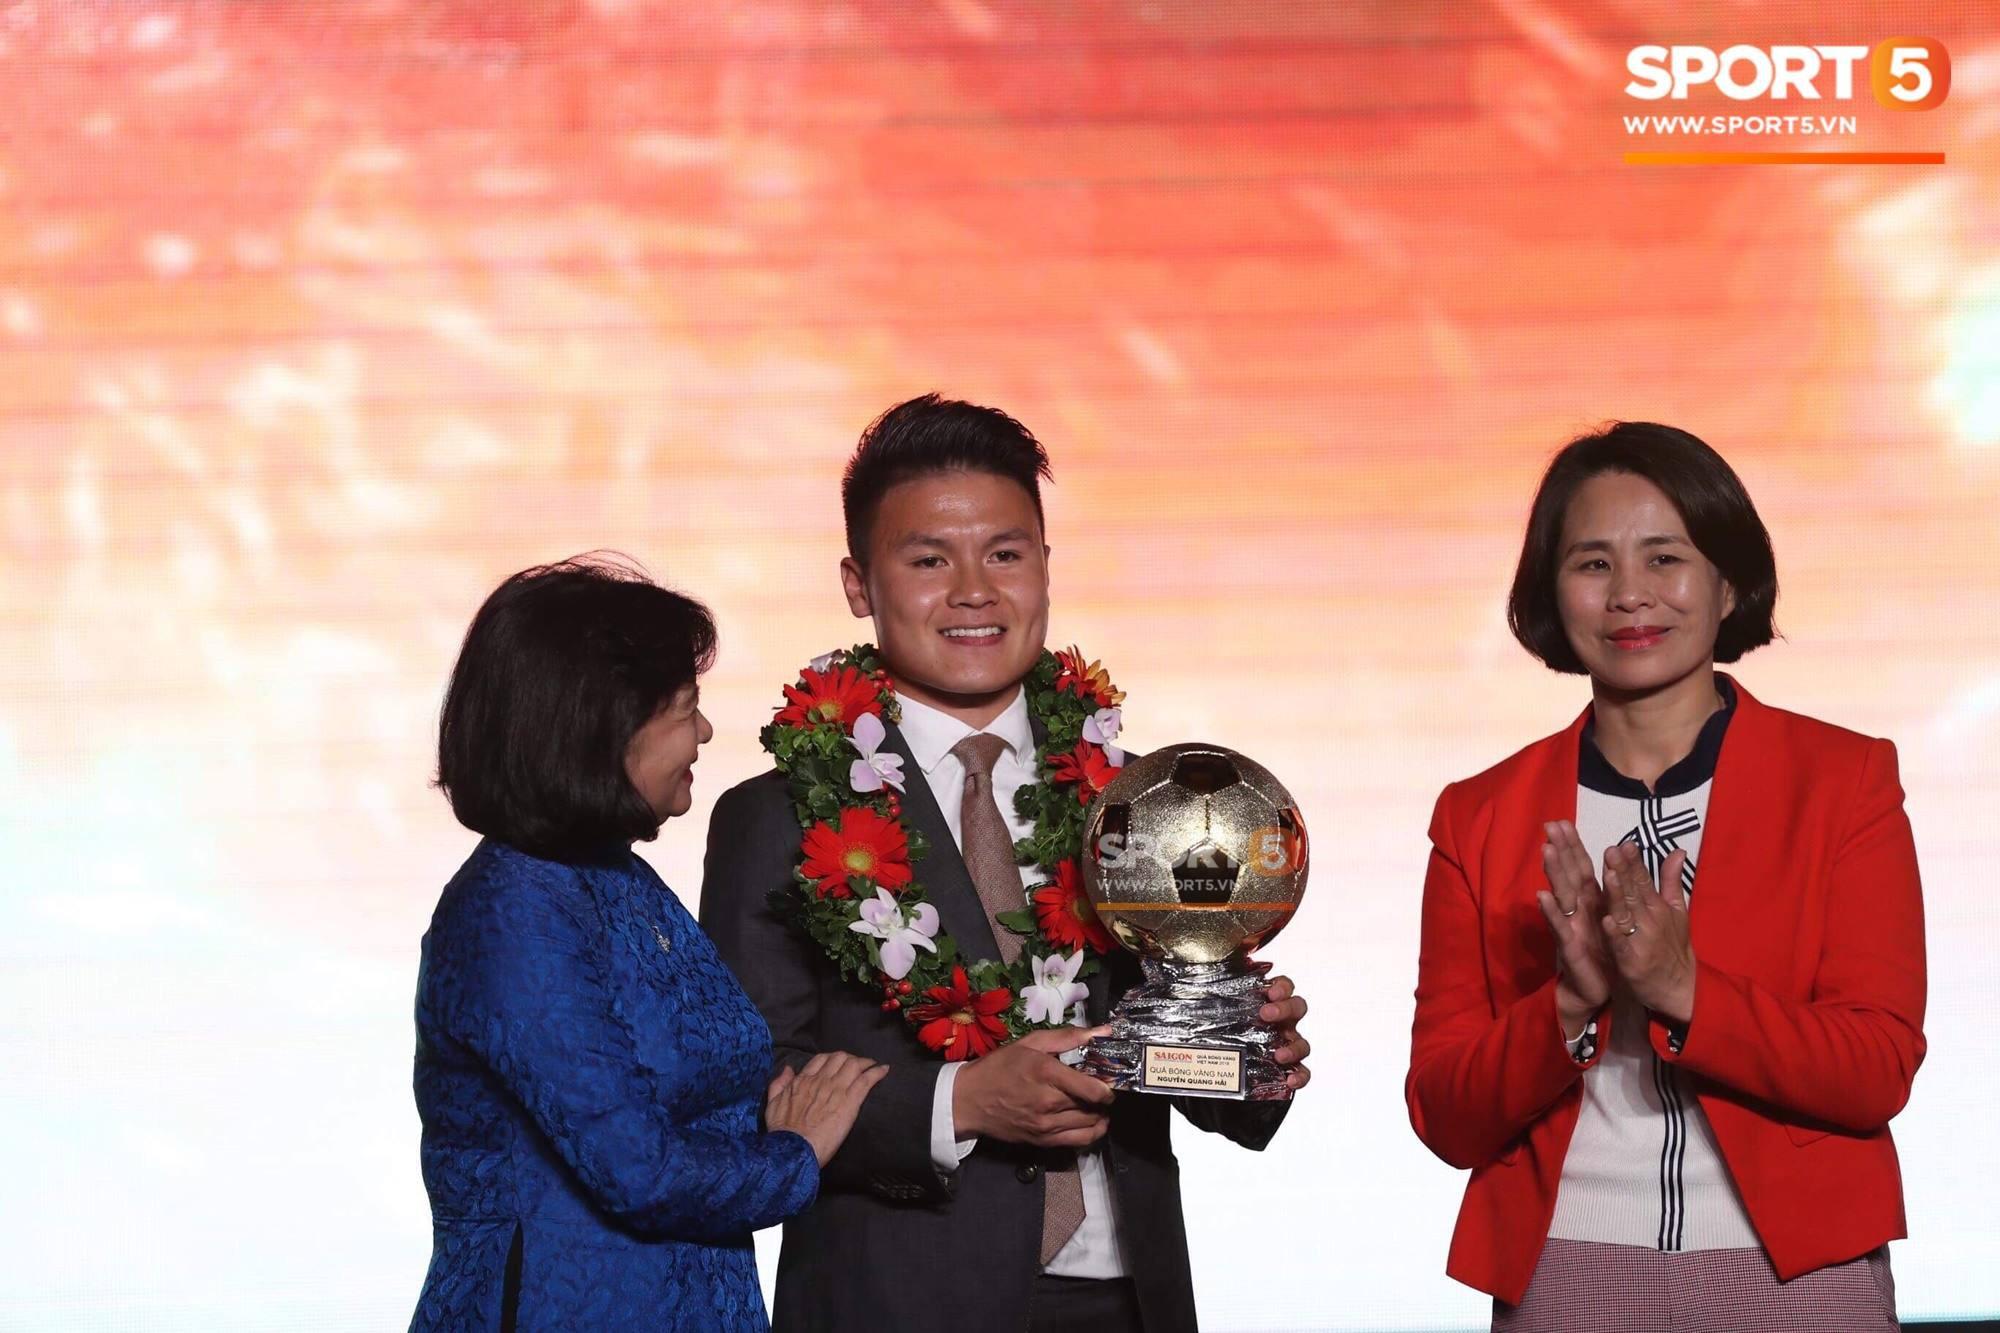 Nhìn lại những scandal đình đám của cầu thủ Việt trong năm 2018 - Ảnh 6.